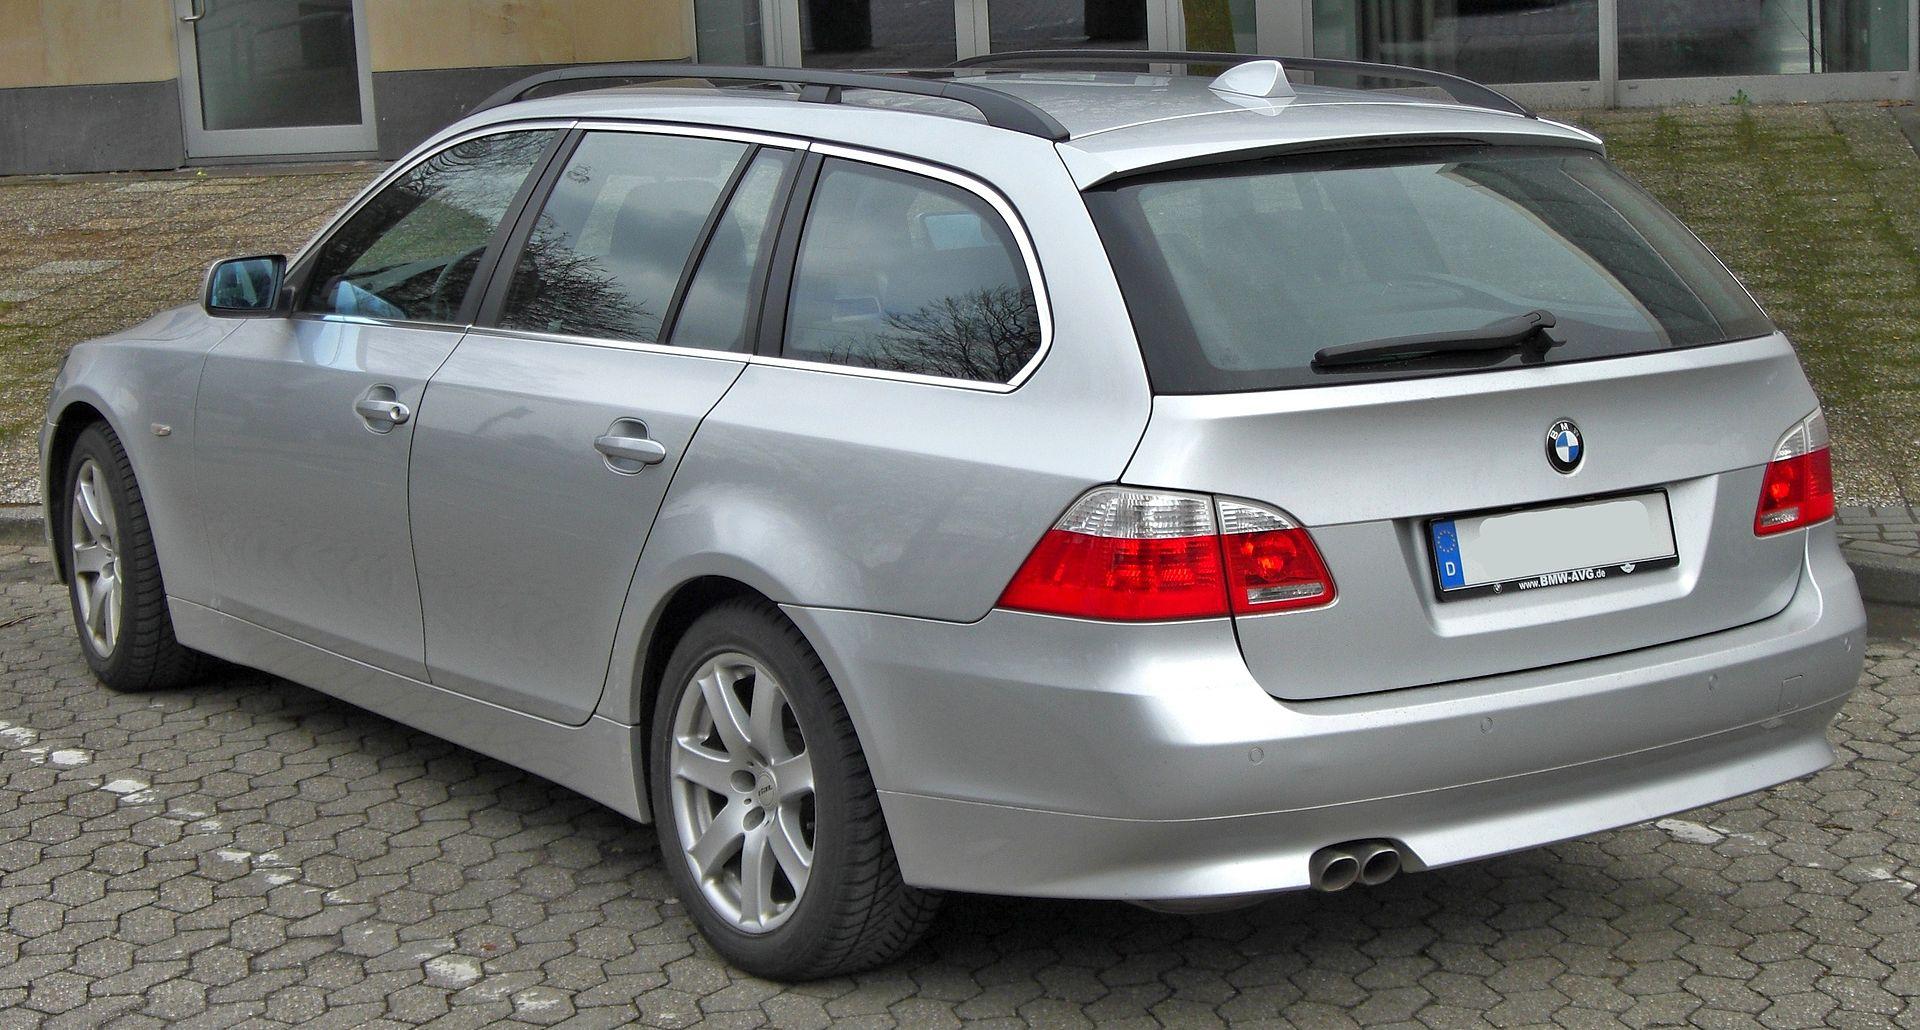 Inspektion bei einem BMW 5er Typ E61